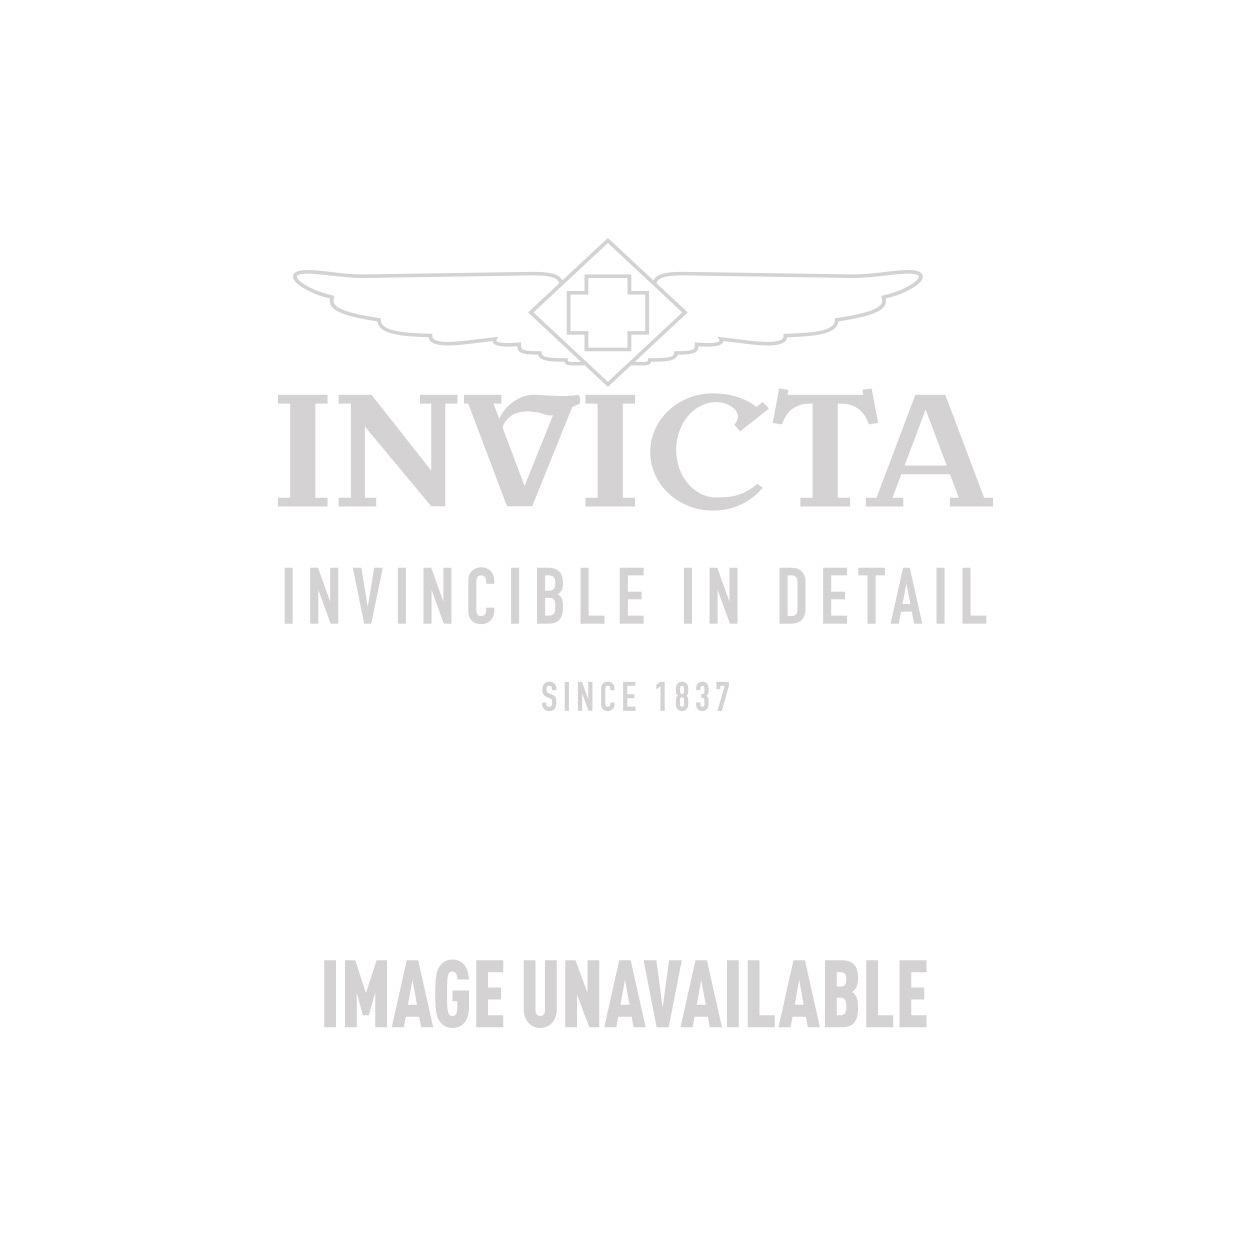 Invicta Model 24307